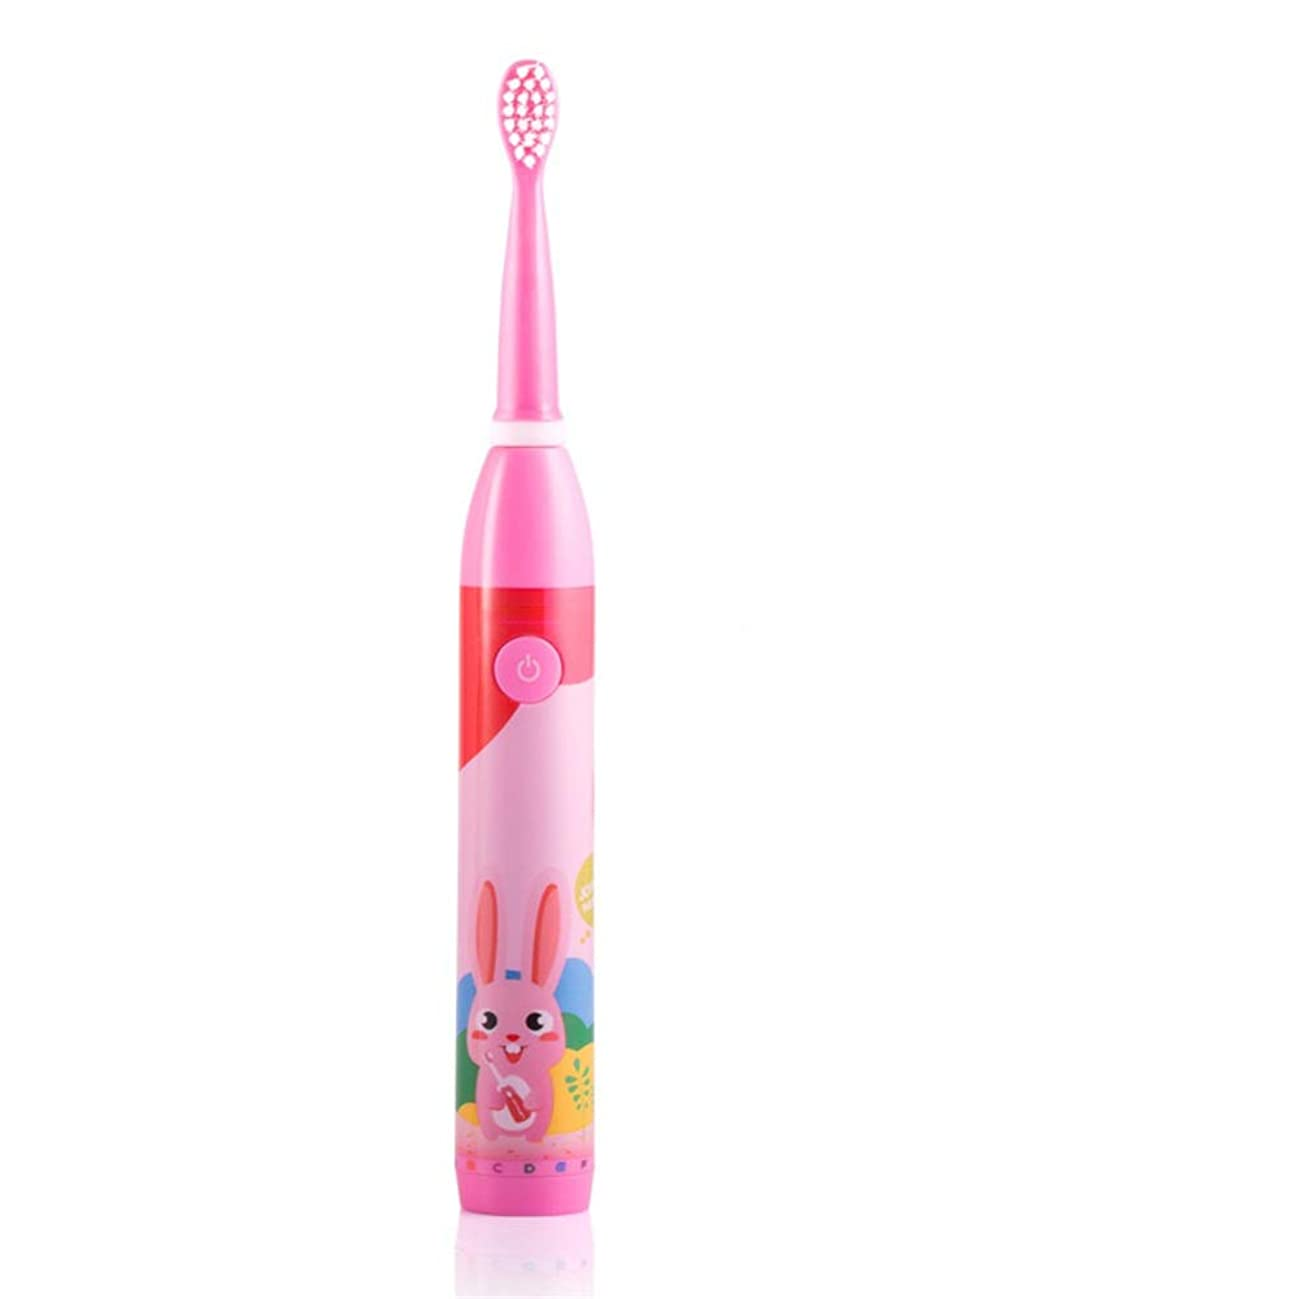 書き込みドラマ地味な電動歯ブラシ 子供のための適切な子供の電動歯ブラシUSB充電式防水歯ブラシ日常の使用のための2-5歳 大人と子供向け (色 : ピンク, サイズ : Free size)